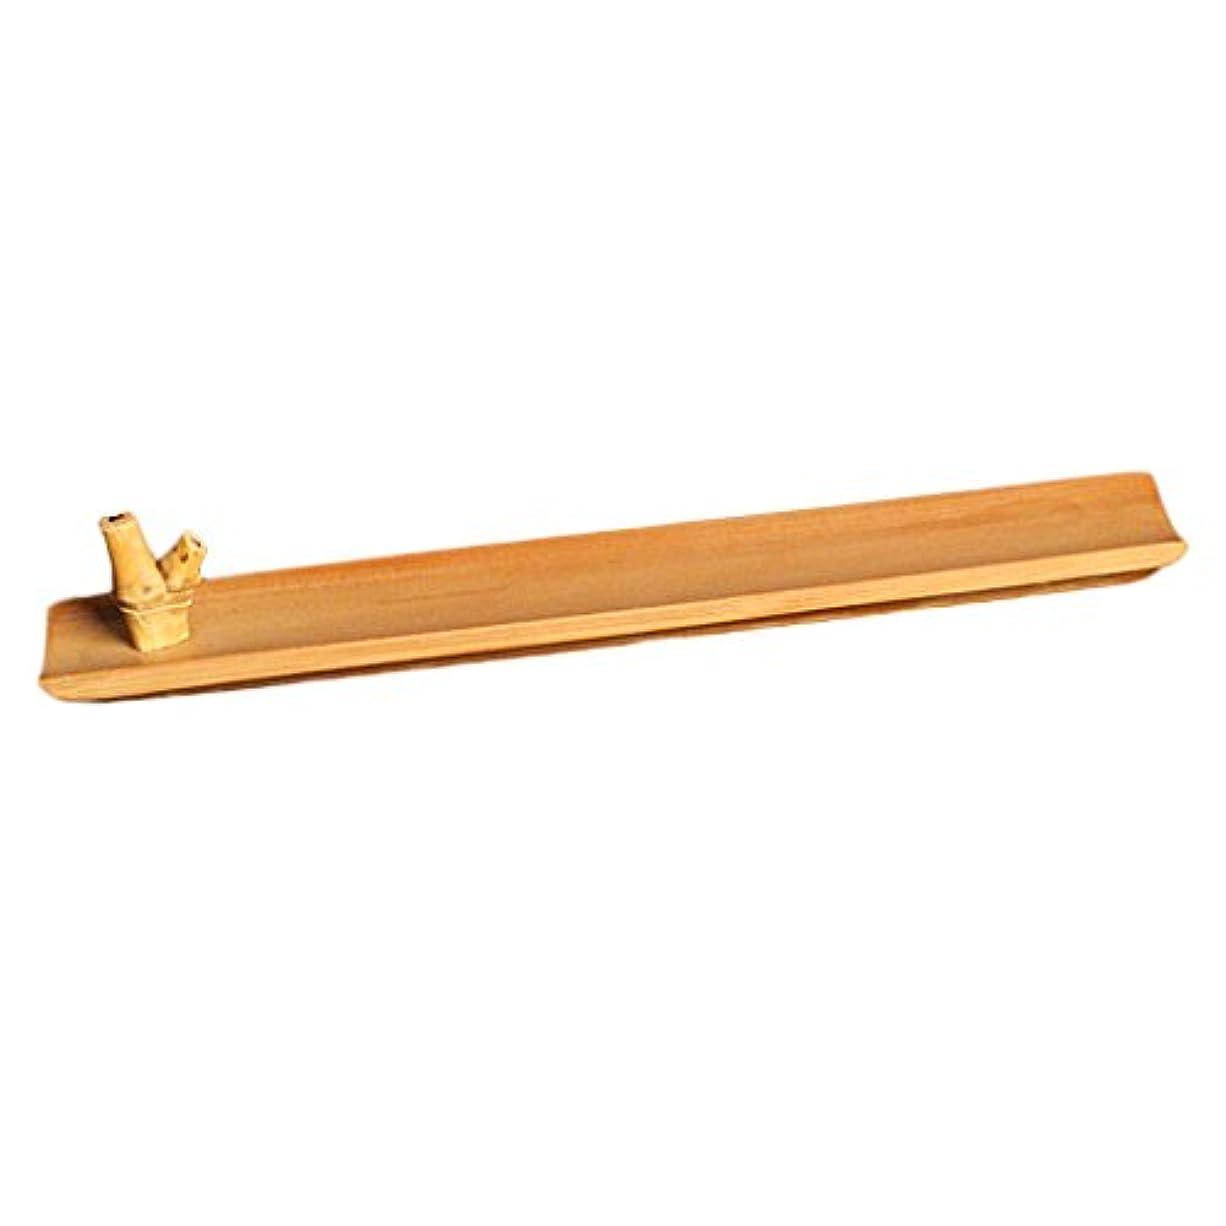 防腐剤精算製作竹 お香立て スティック 香 ホルダー バーナースティック ブラウン 手作り 工芸品 24センチメートル